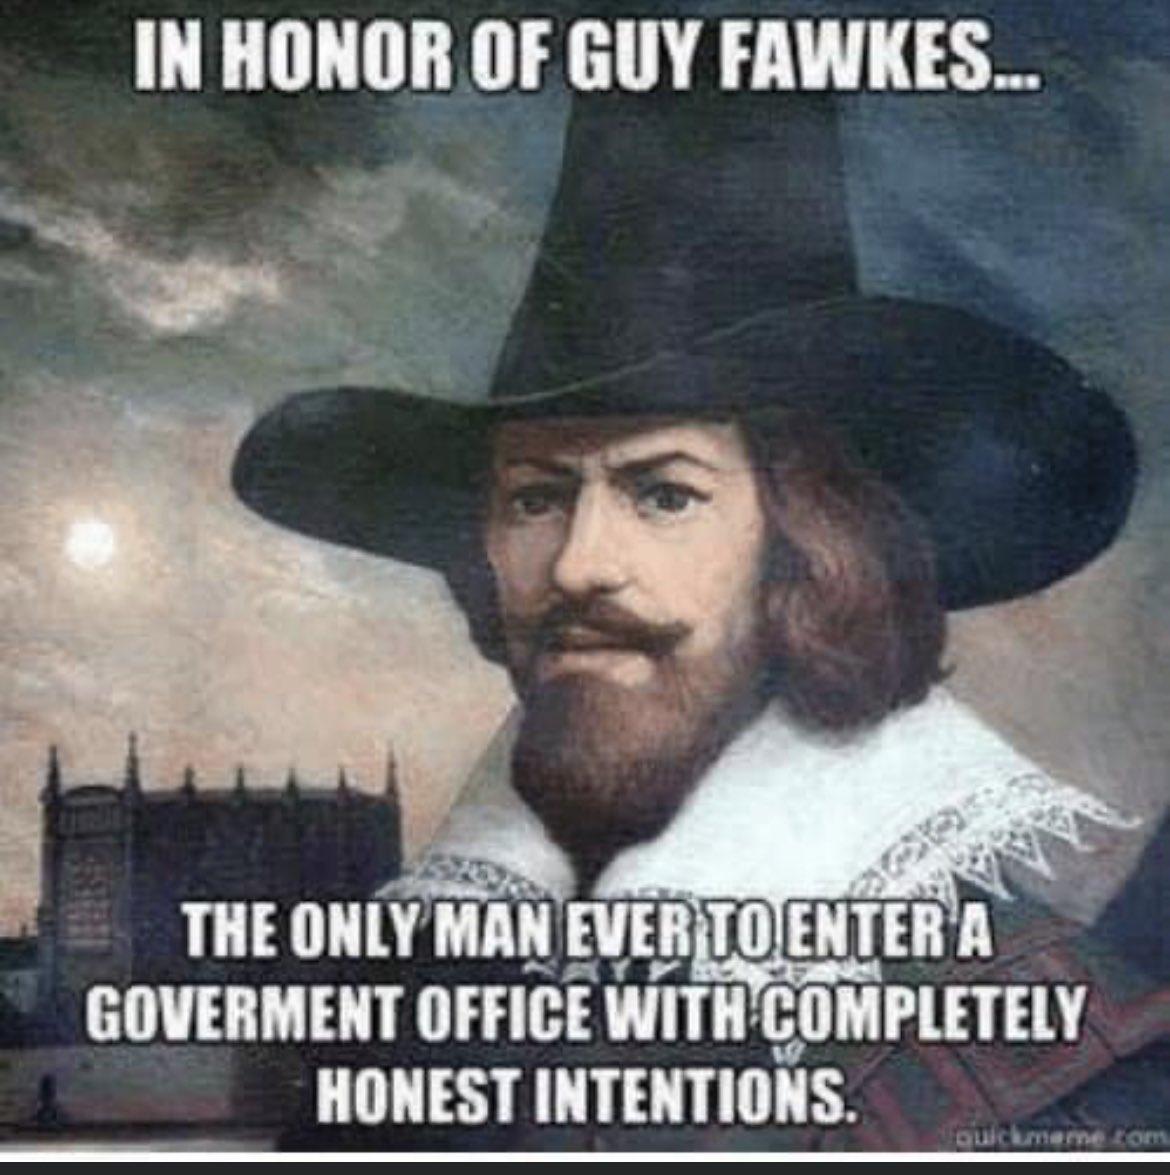 Remember remember the 5th of November #bonfirenight #guyfawkes